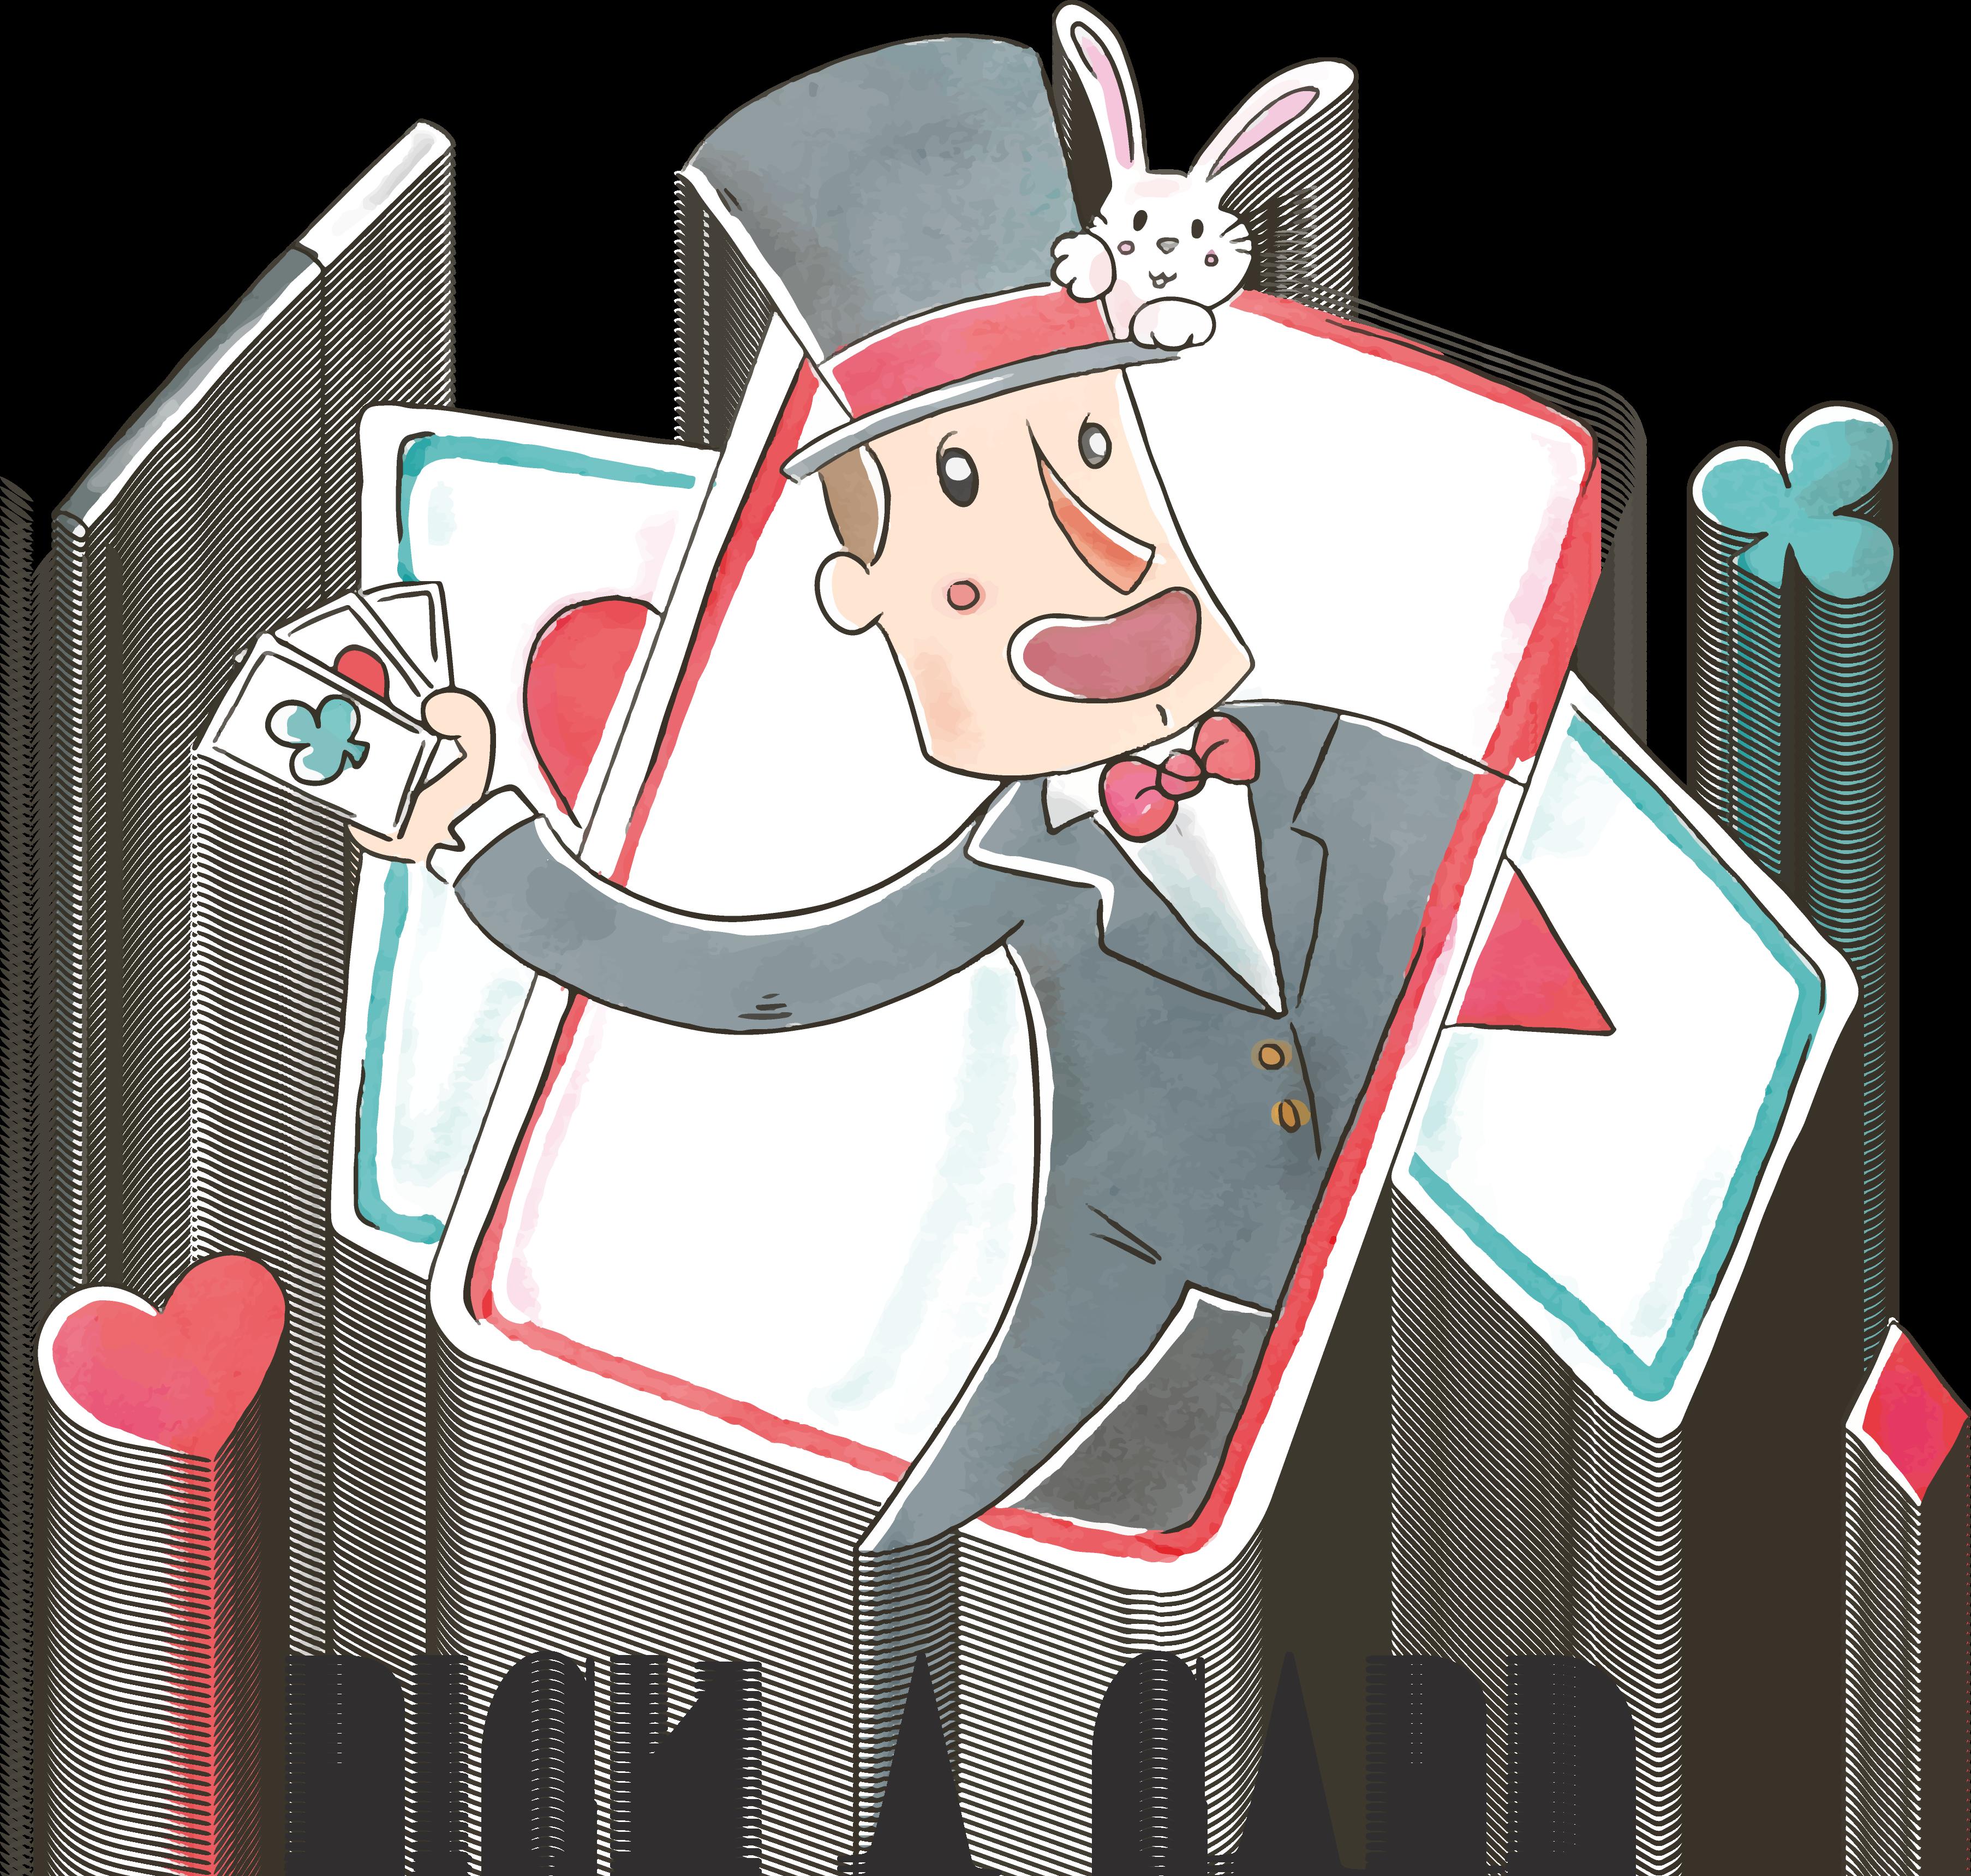 Magician clipart old magician. Circus illustration tools transprent